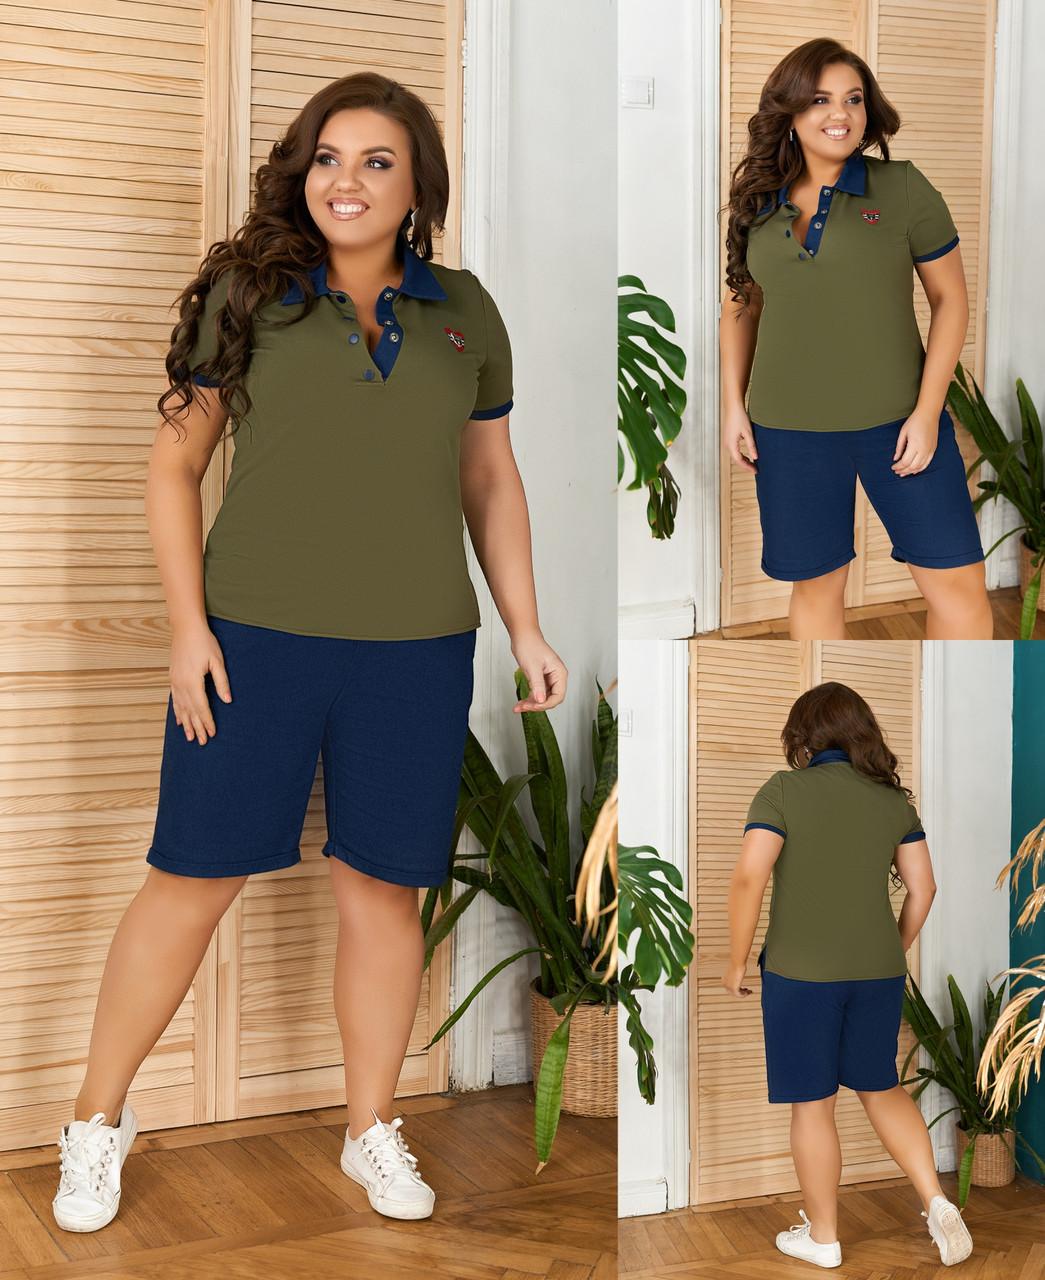 Женский удобный летний костюм с шортами+поло с коротким рукавом (джинс,фактурный трикотаж) 3 цвета (батал)